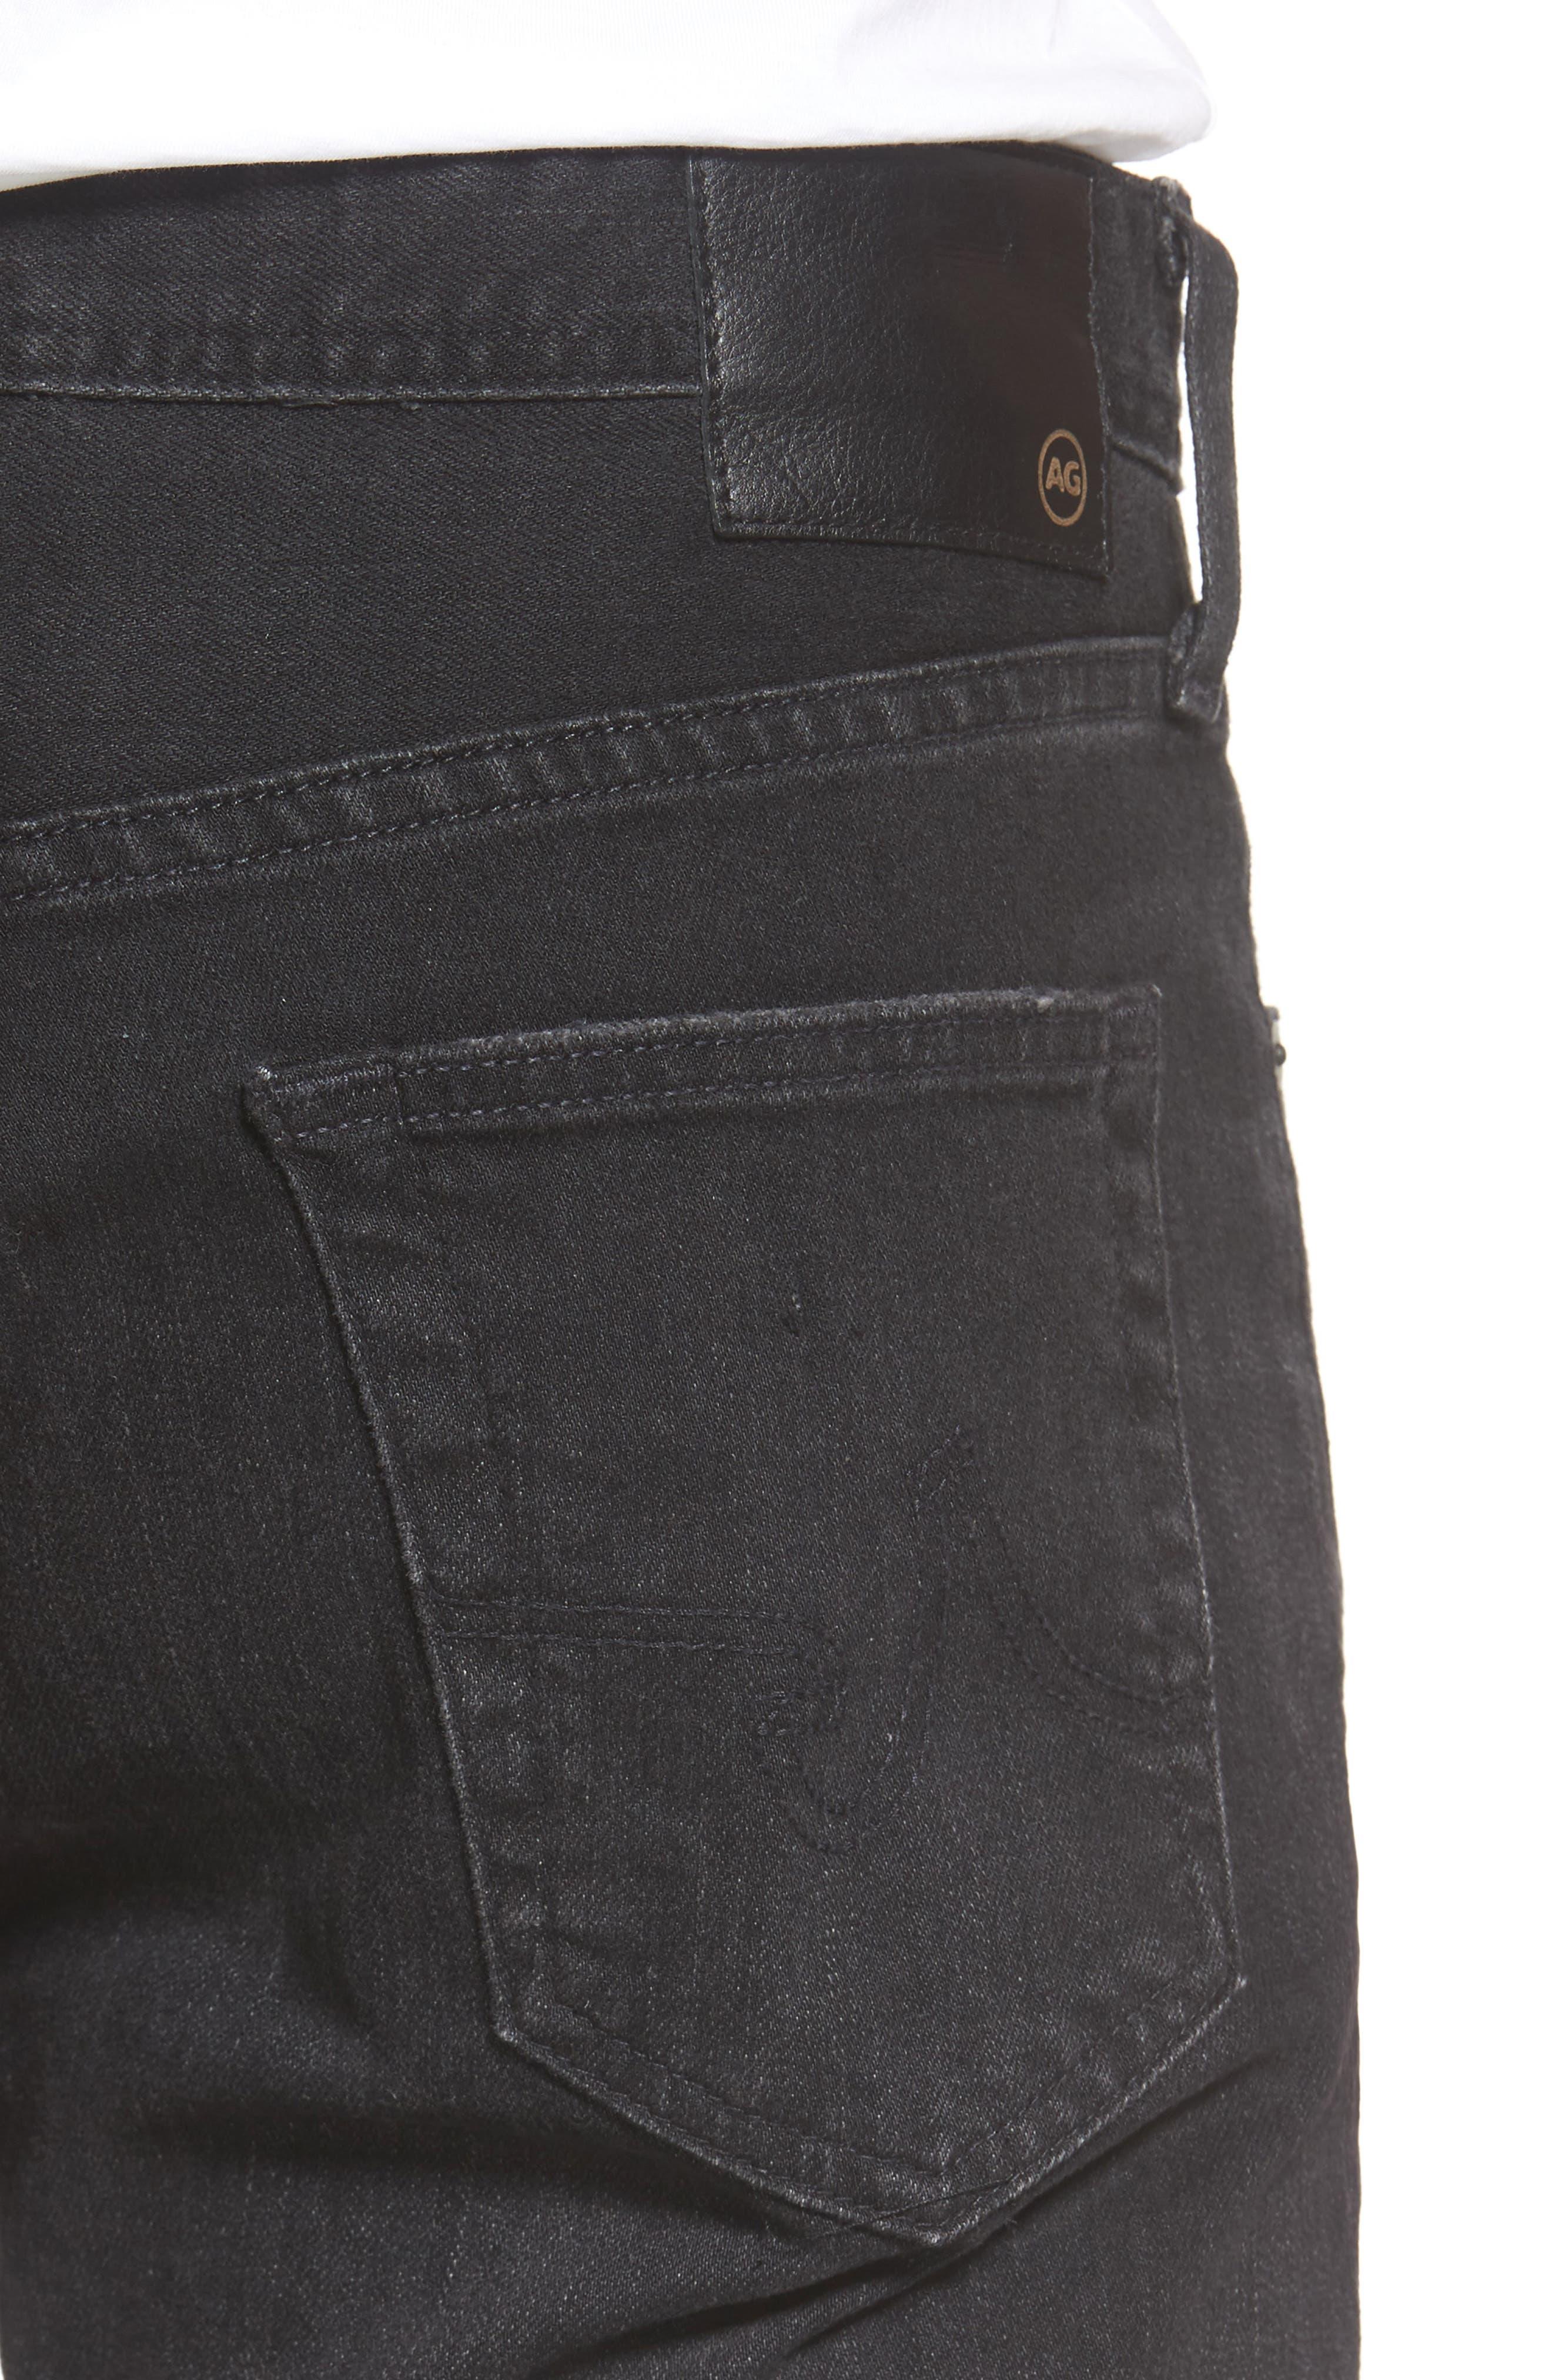 Everett Slim Straight Leg Jeans,                             Alternate thumbnail 5, color,                             4 Years Down